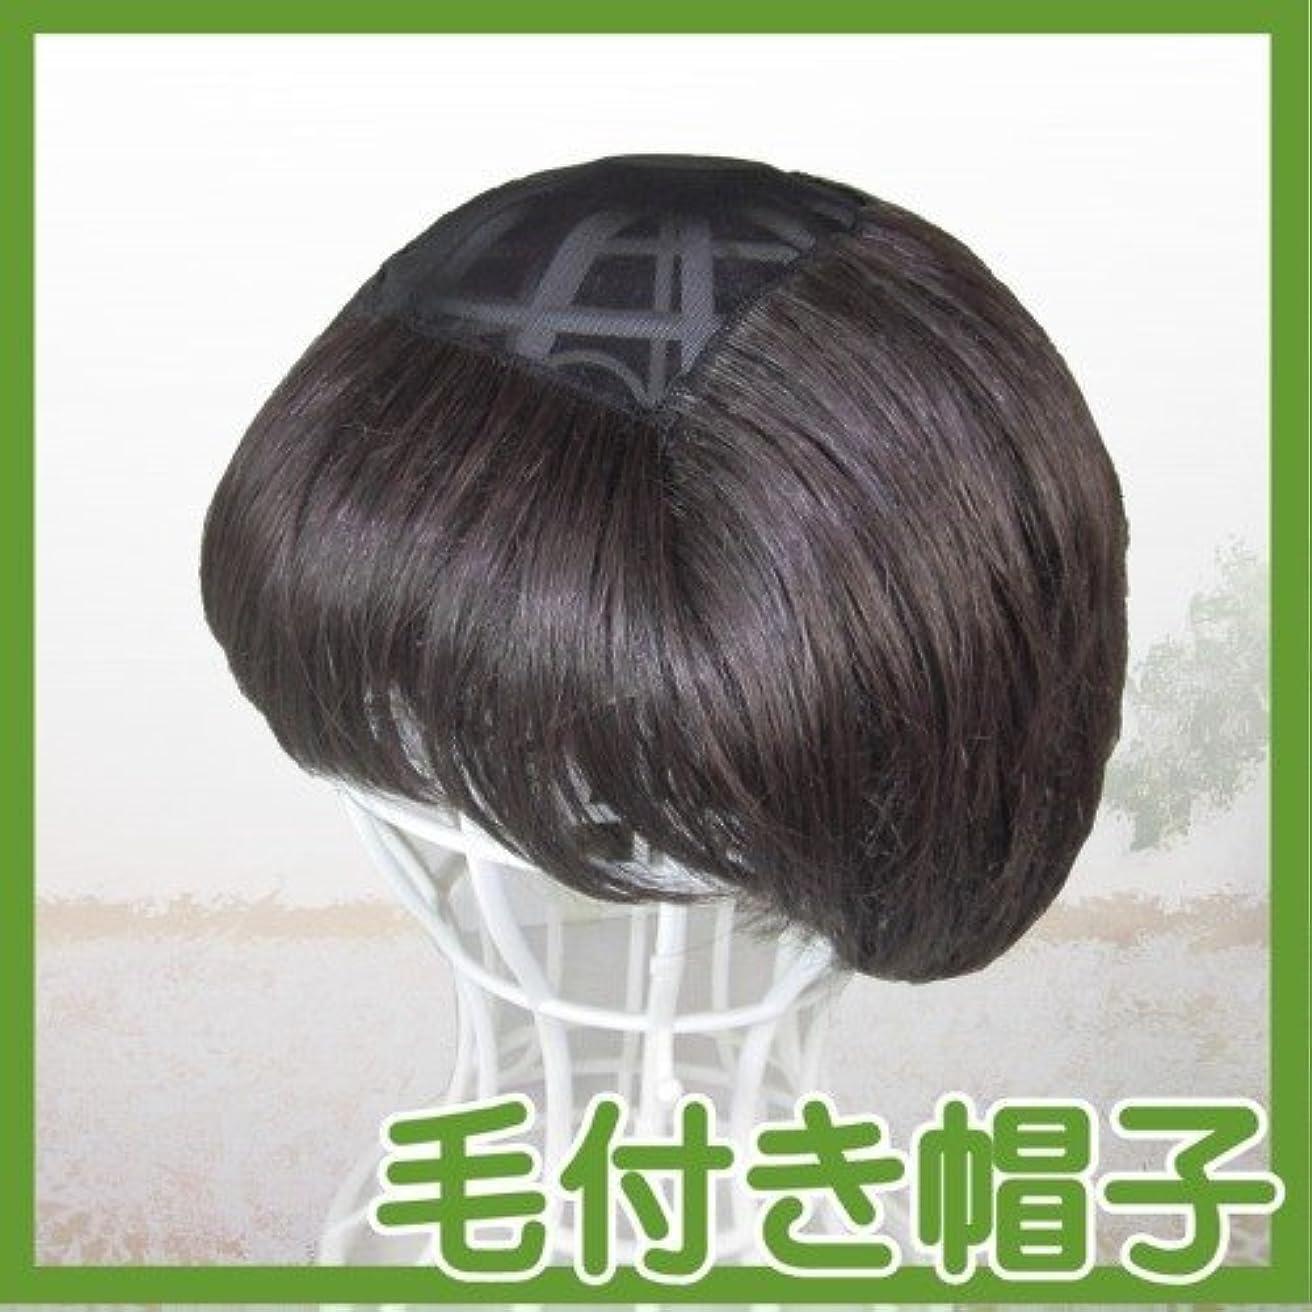 乱暴なシガレットヘッドレス毛付き帽子 帽子の下に被る毛付き帽子 T06BR/ダークブラウン ショート